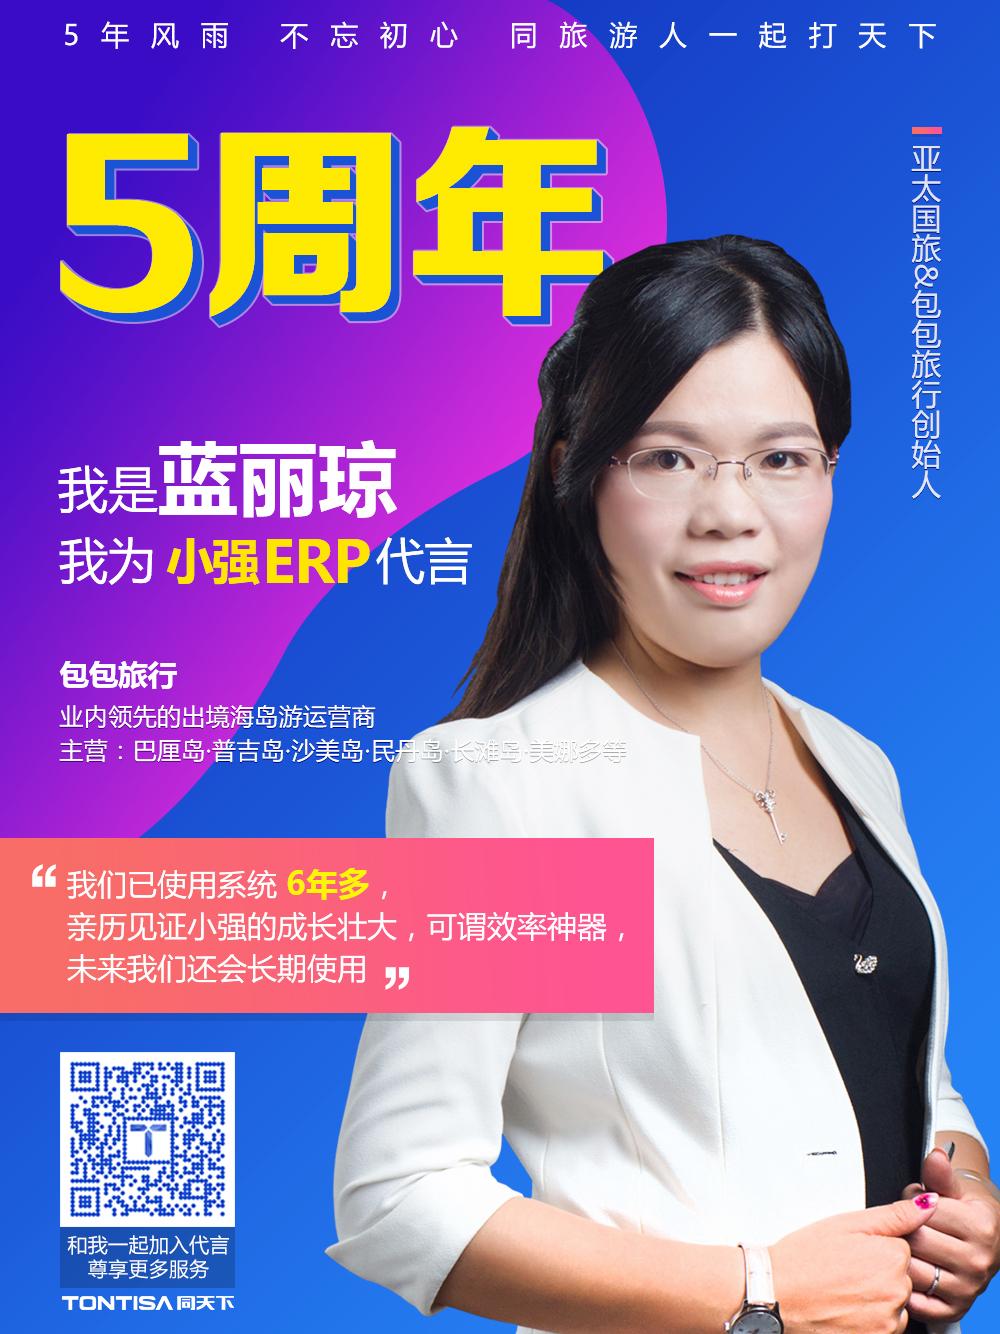 11、五周年系列海报(蓝丽琼).jpg